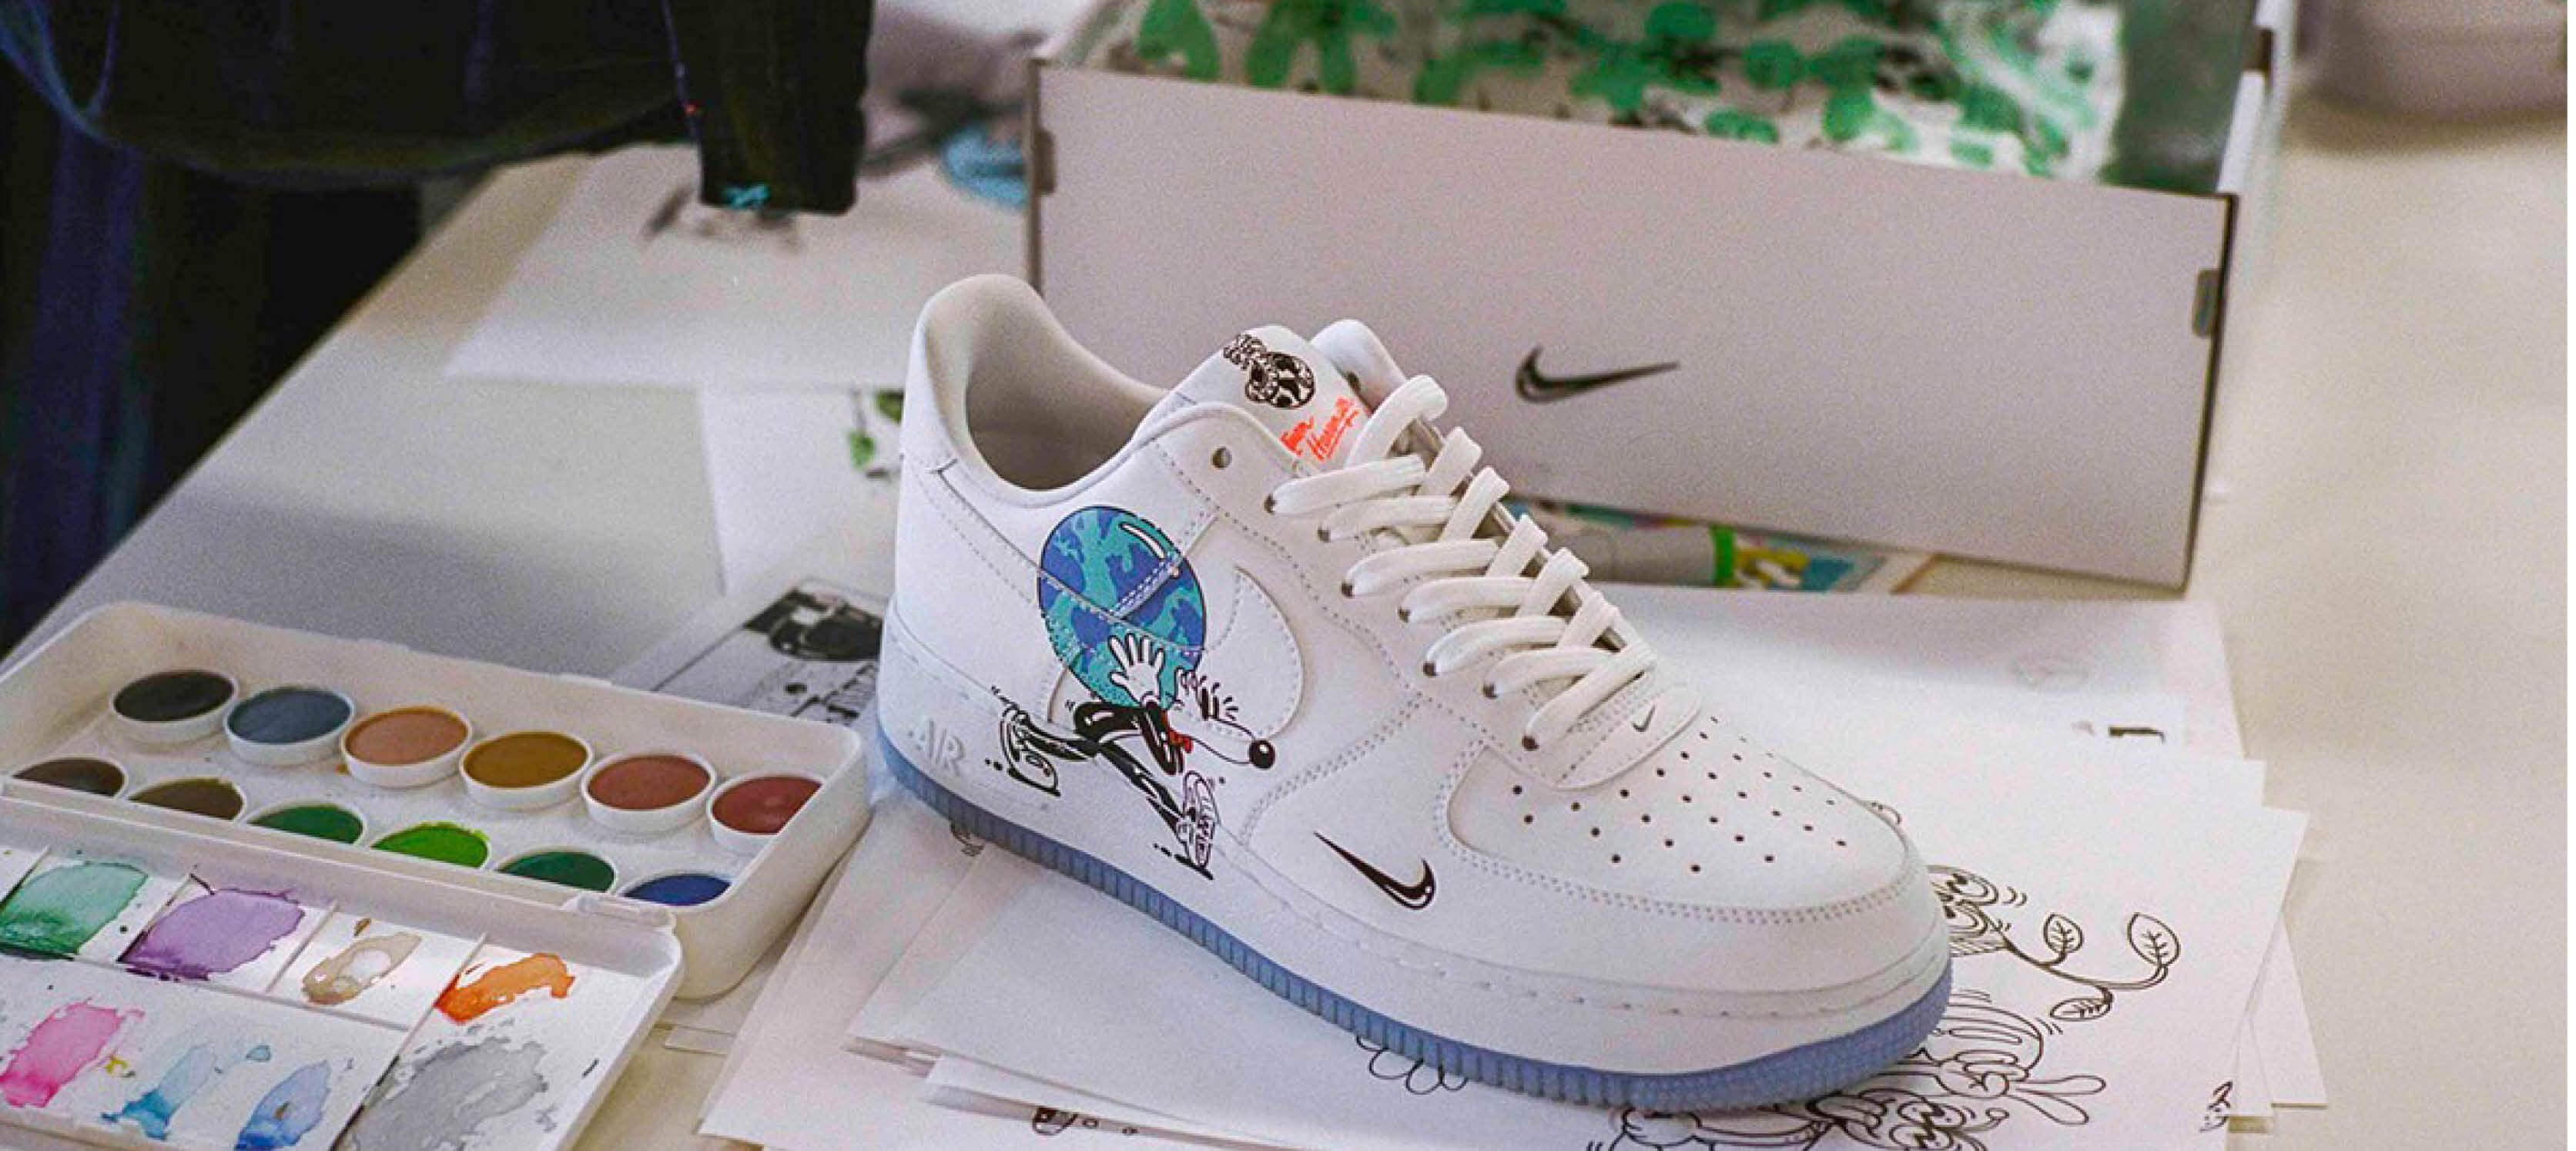 Steven Harrington Ontwerpt Nike Flyleather Sneaker voor de Dag van de Aarde